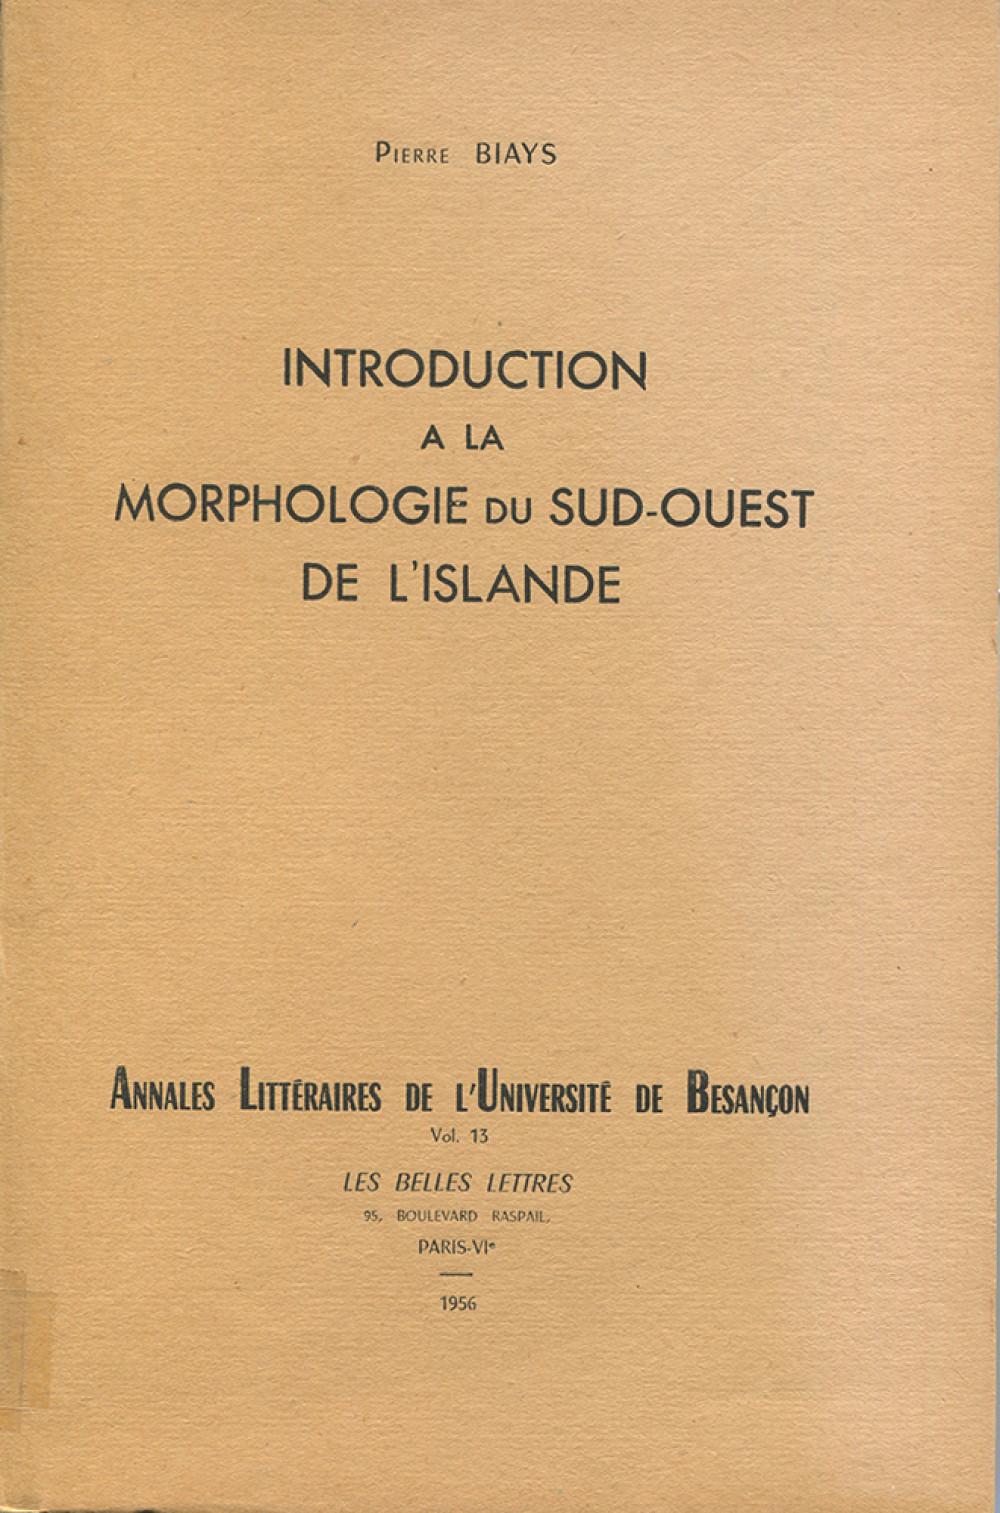 Introduction à la morphologie du Sud-Ouest de l'Islande